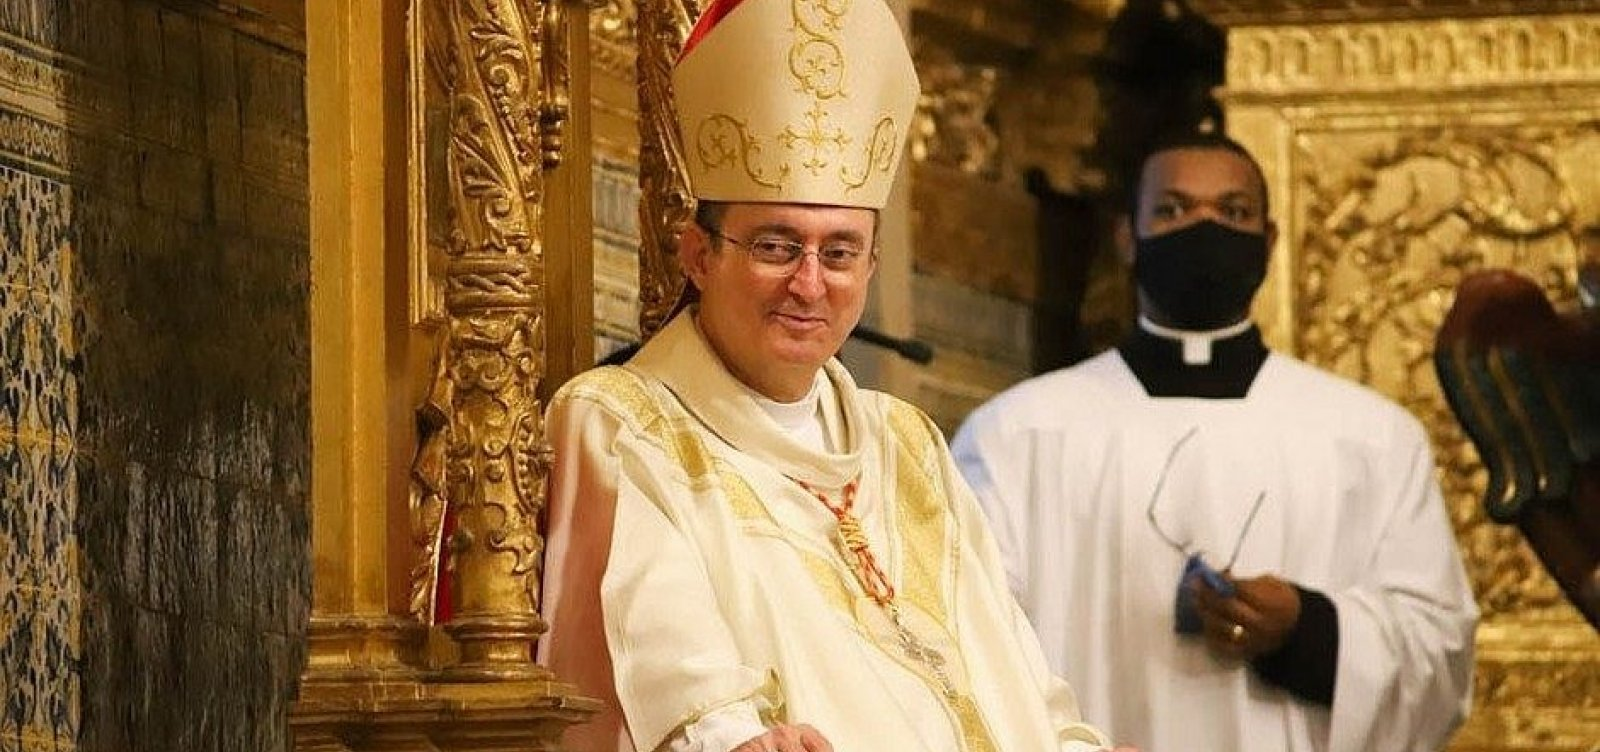 [Em meio à pandemia, celebração do Natal representa 'fraternidade' e 'esperança', diz arcebispo]